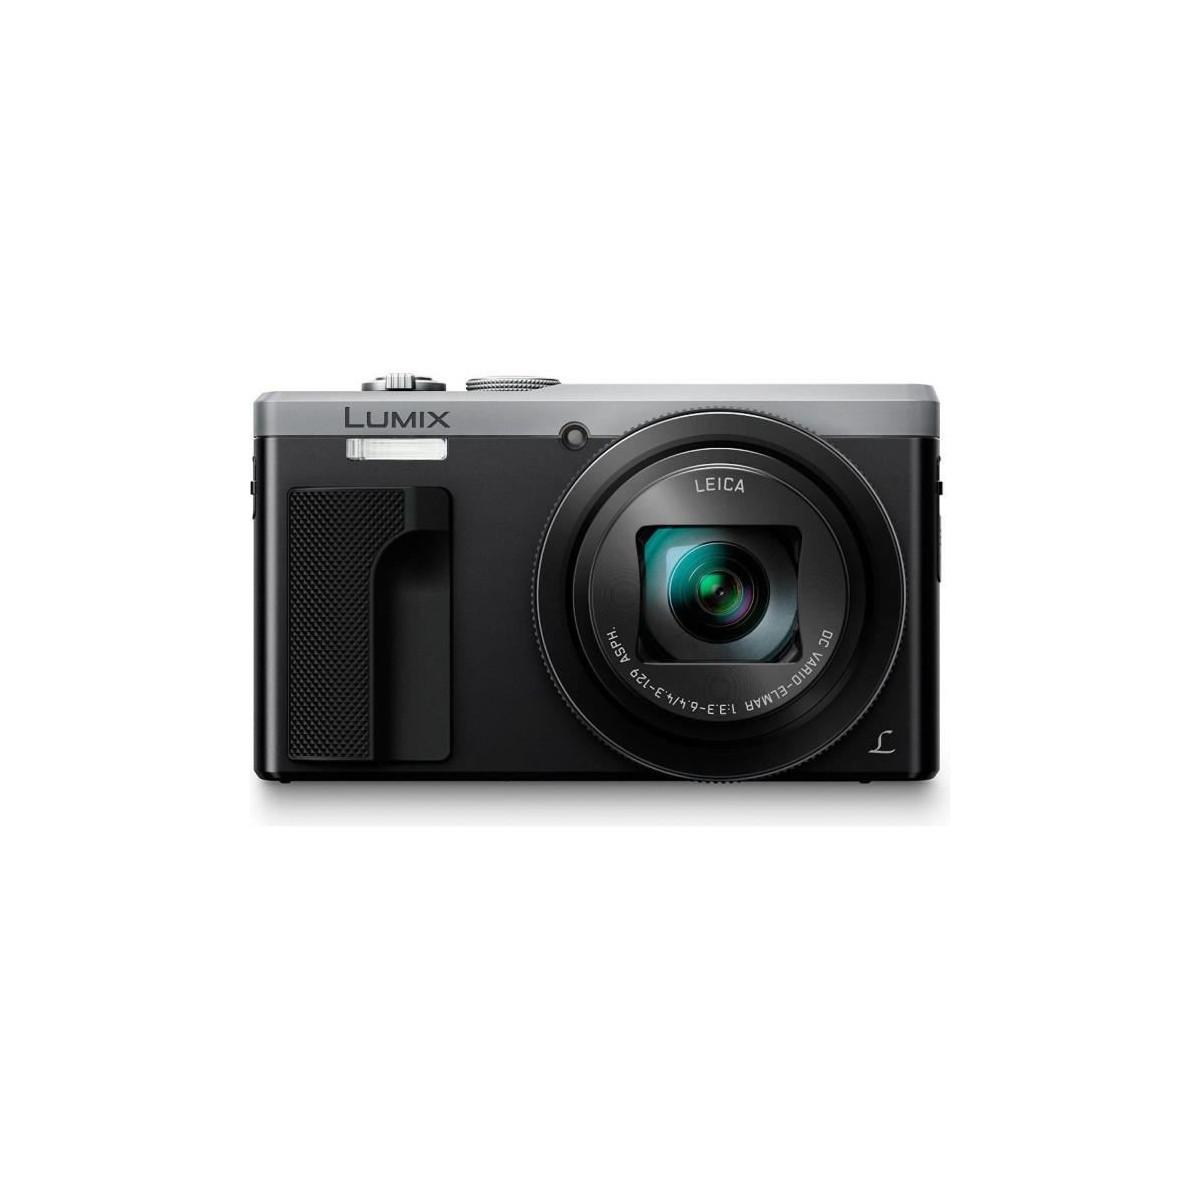 Appareil photo numérique Lumix Dmc-tz80EP 4K 18,1 MP Panasonic Silver